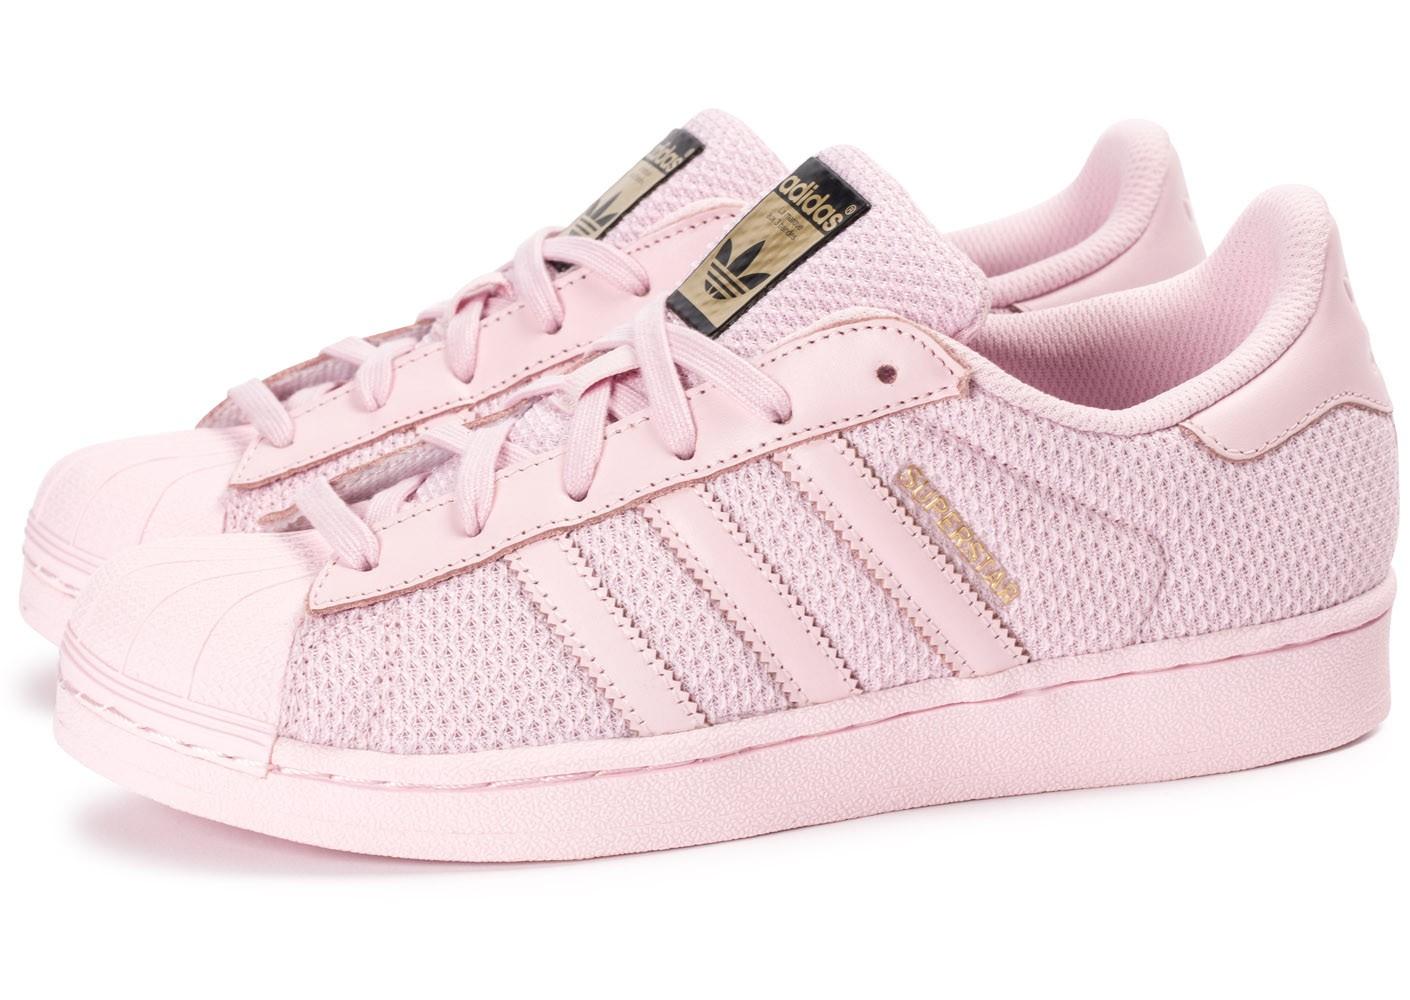 adidas superstar femmes roses